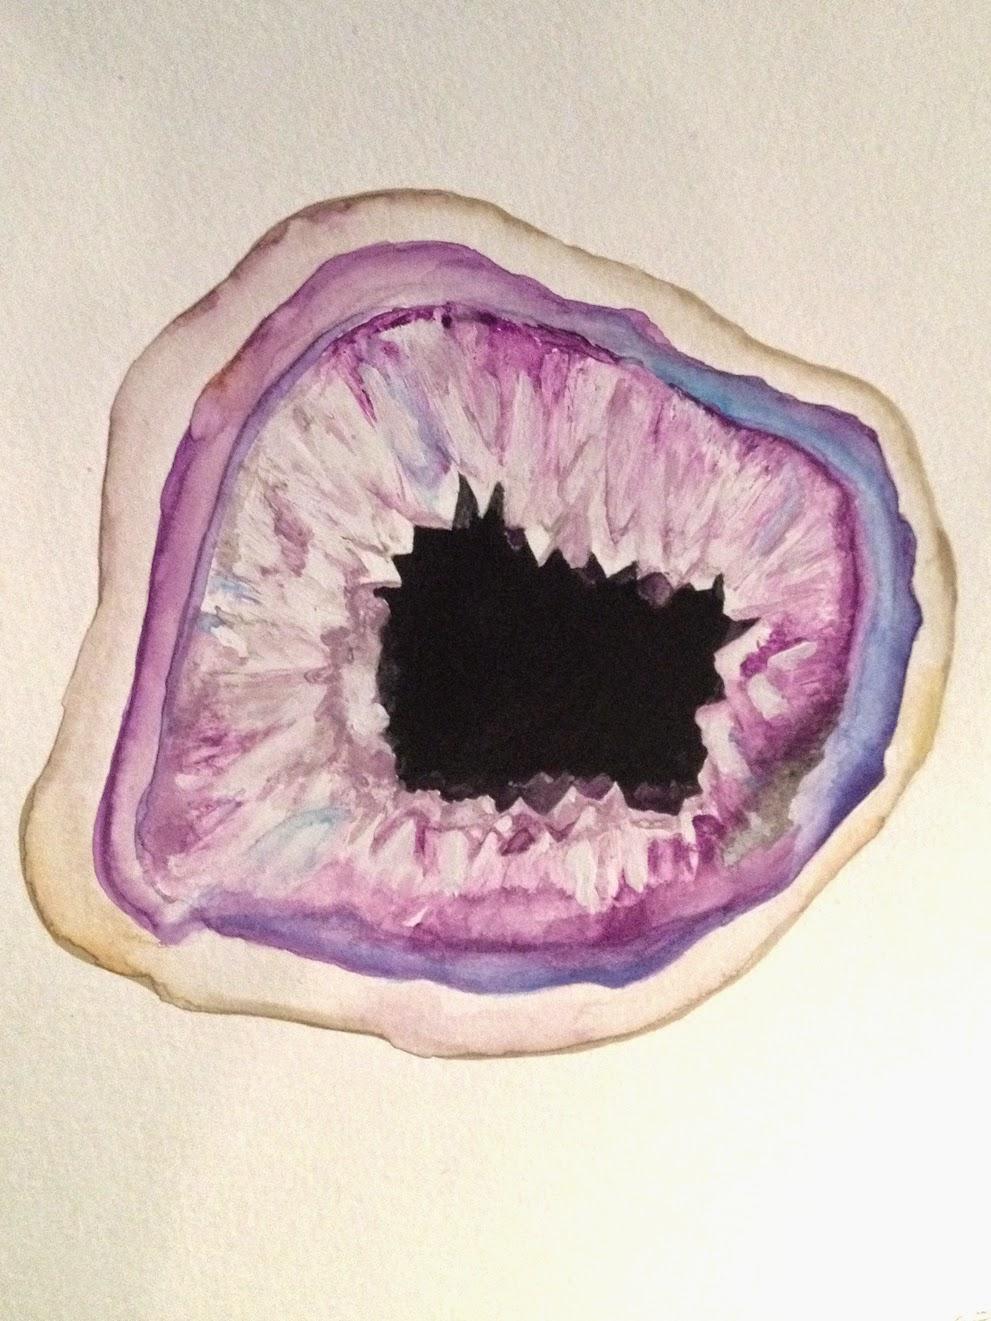 Geode Gem Watercolor painting artwork purple stone